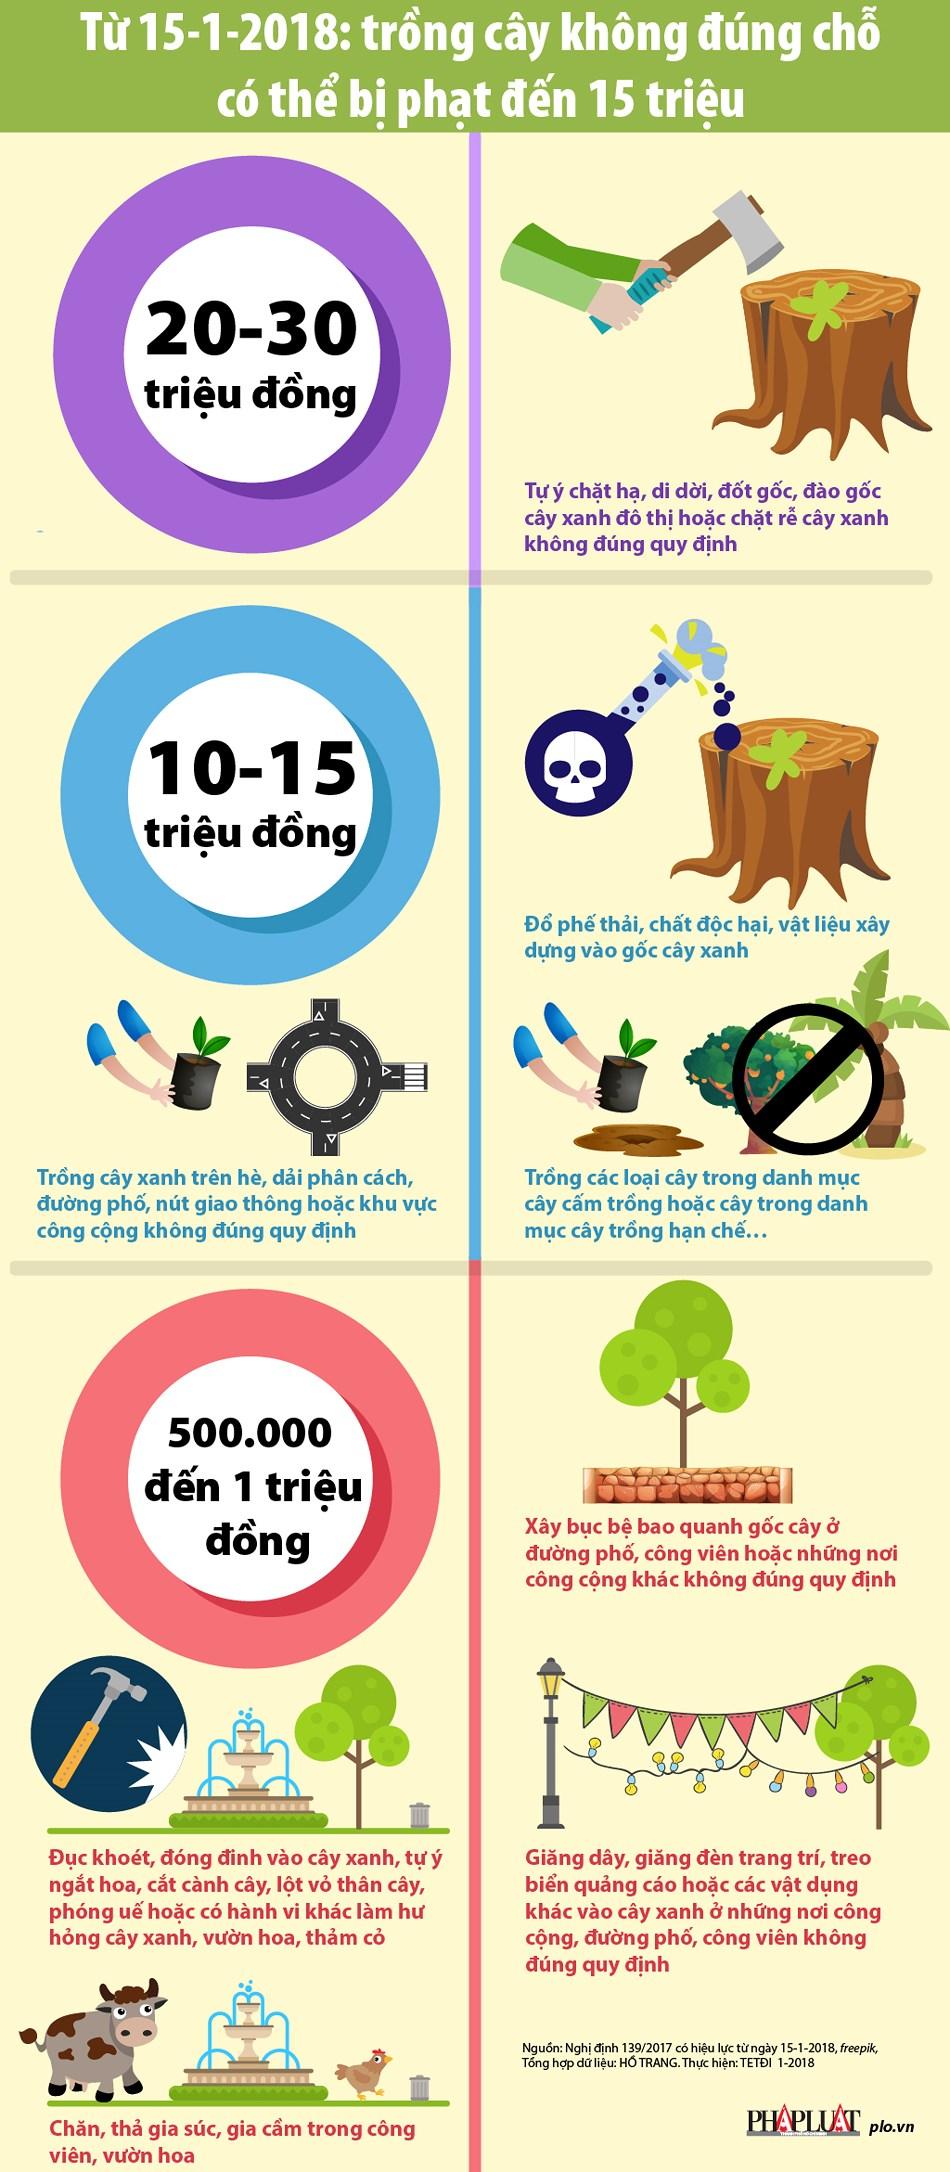 Từ 15-1: Trồng cây sai chỗ có thể bị phạt đến 15 triệu - 1